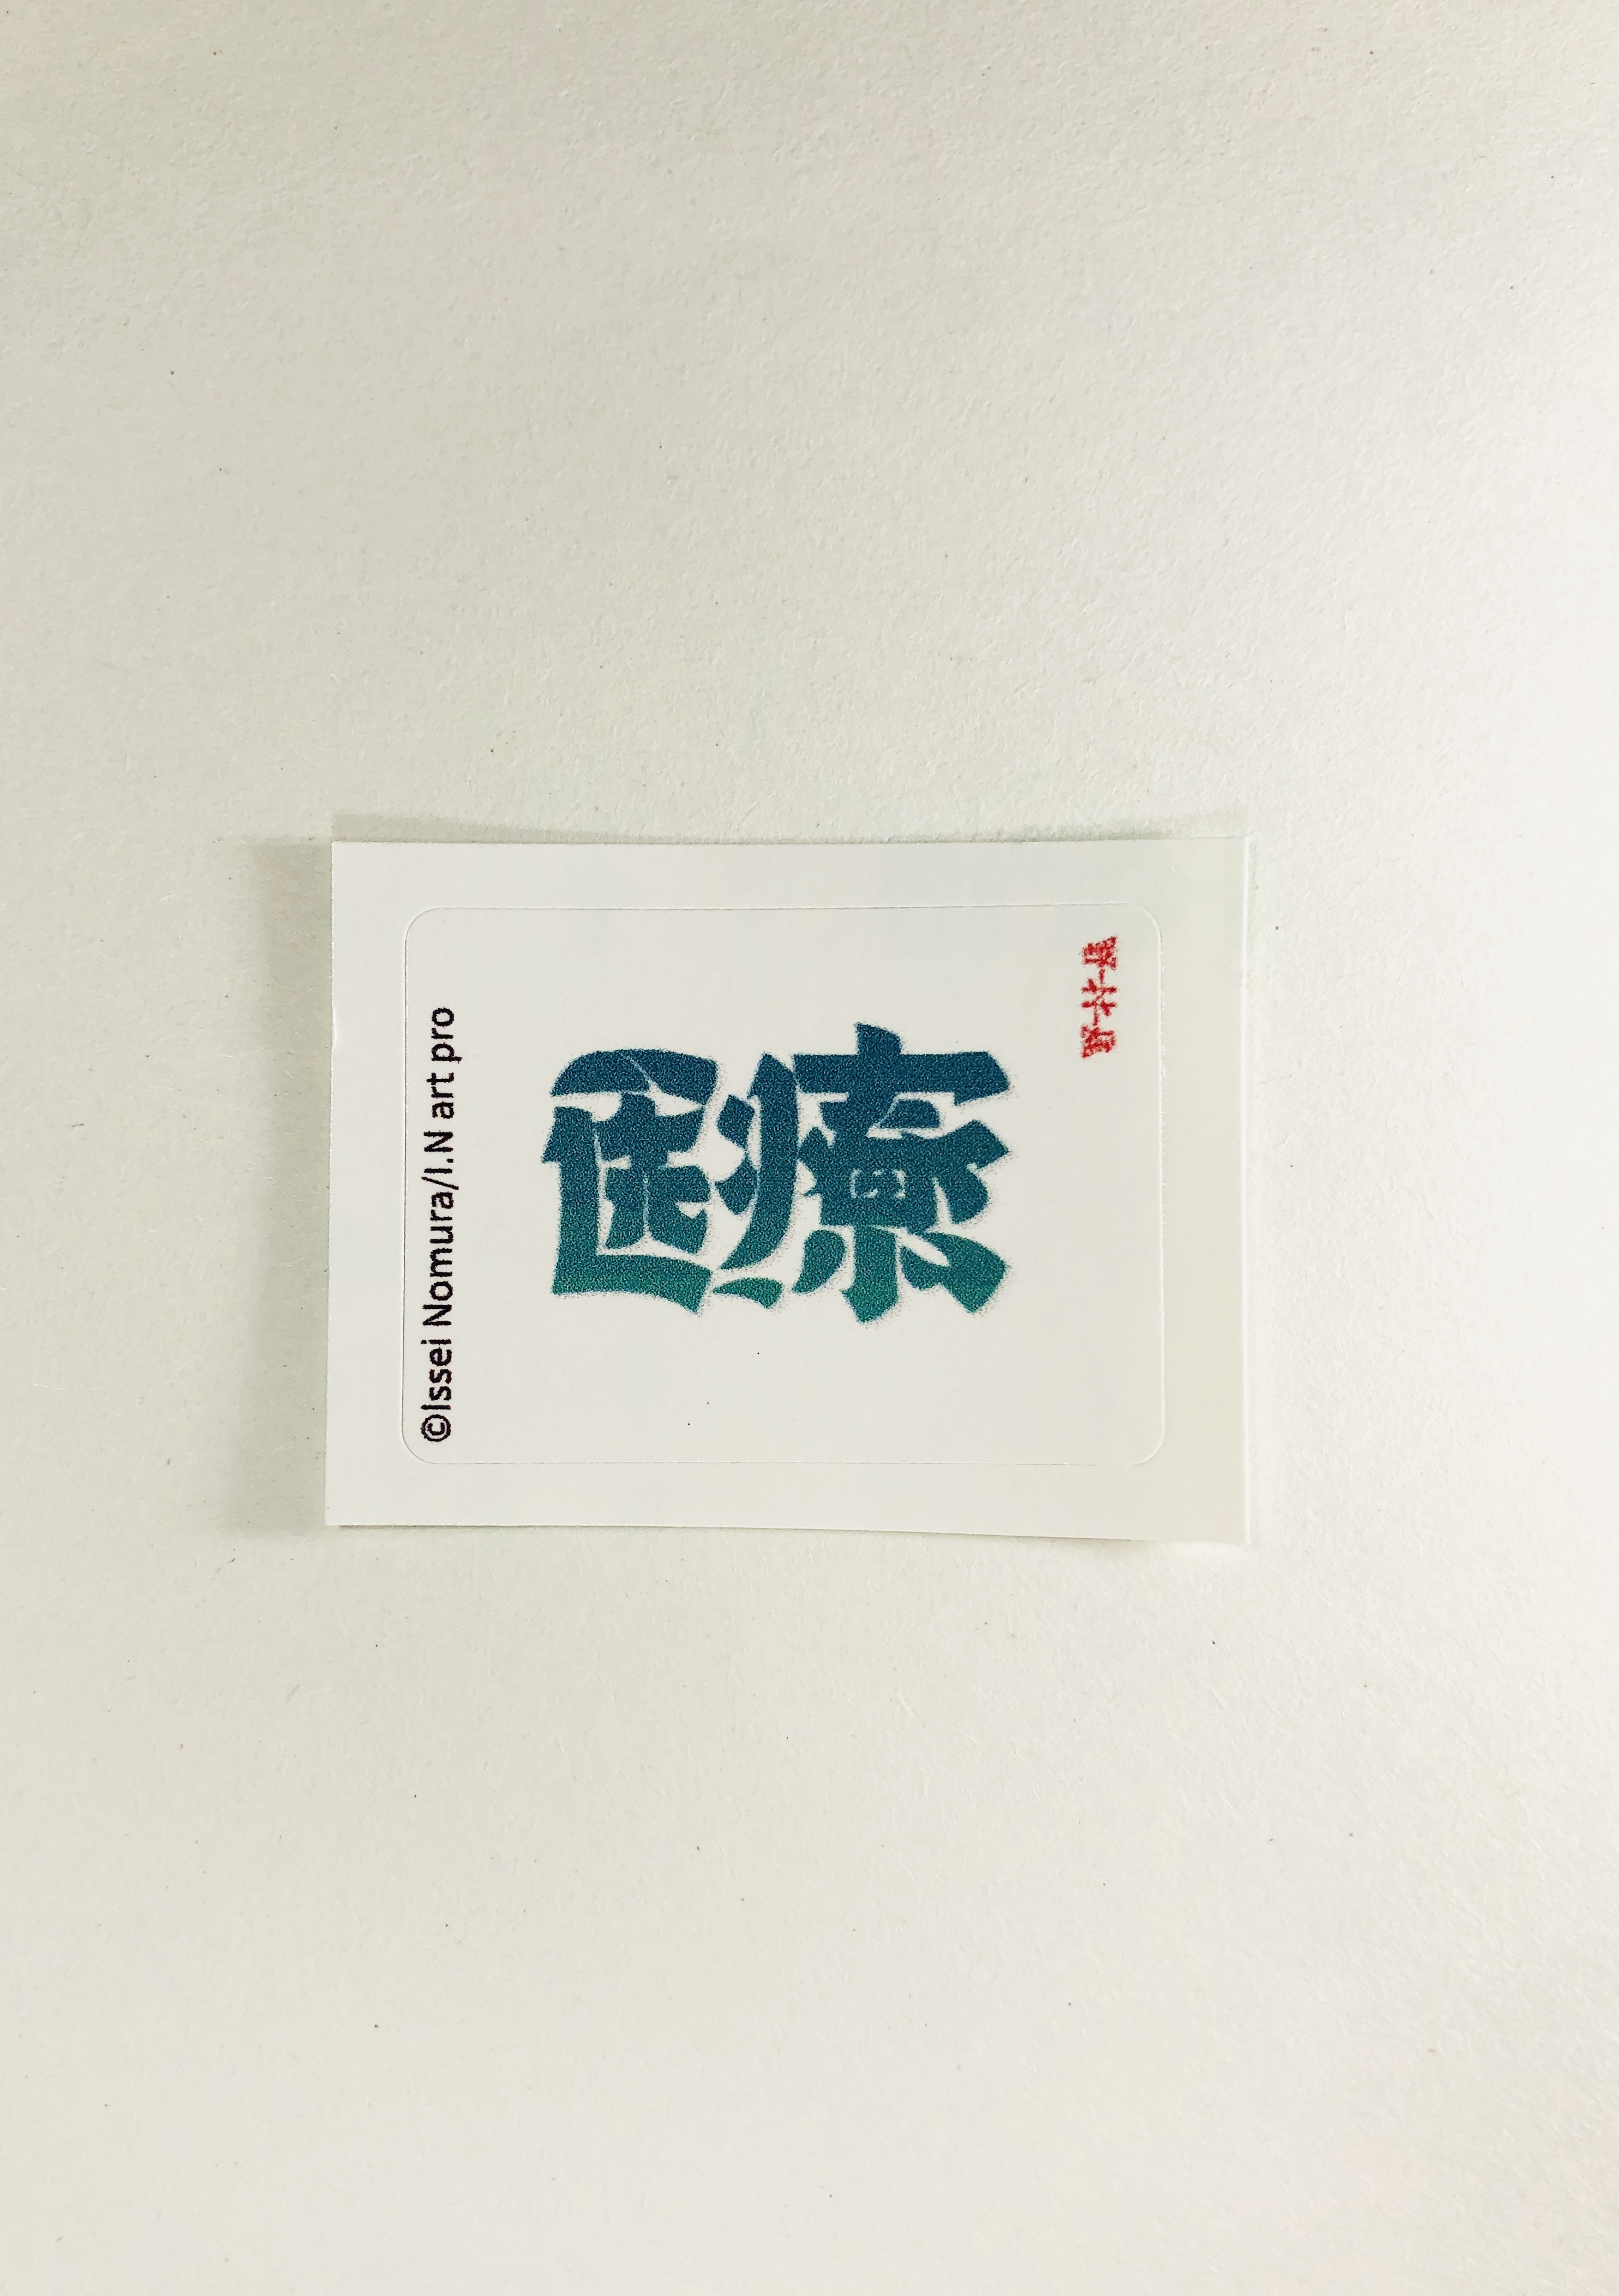 「医療⇔感謝」シール7枚セット